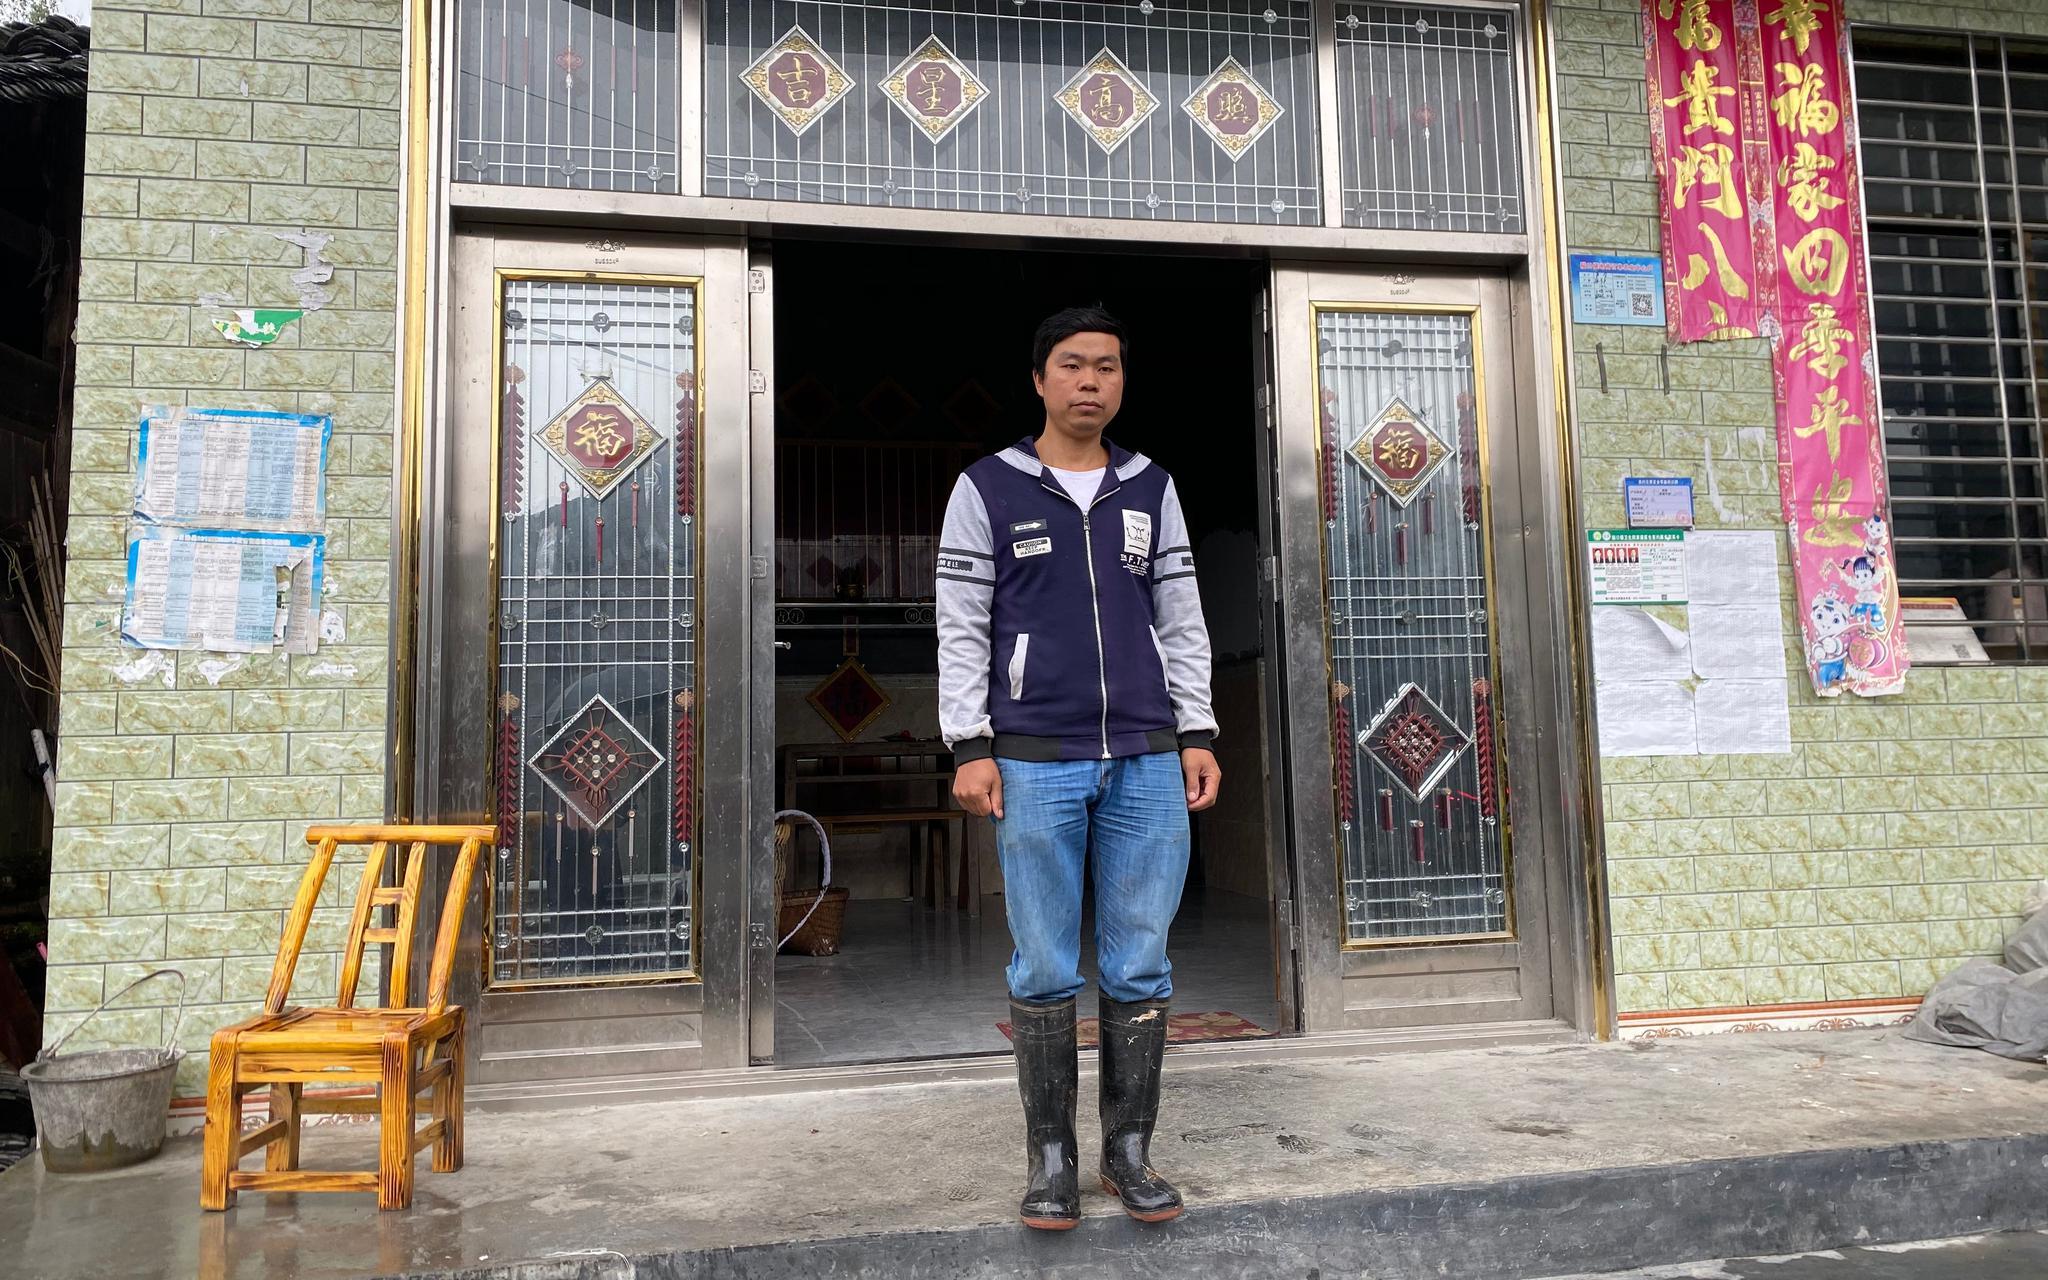 关注扶贫月丨重庆隘口镇上的电商物流体系 快递费每单不到3元图片